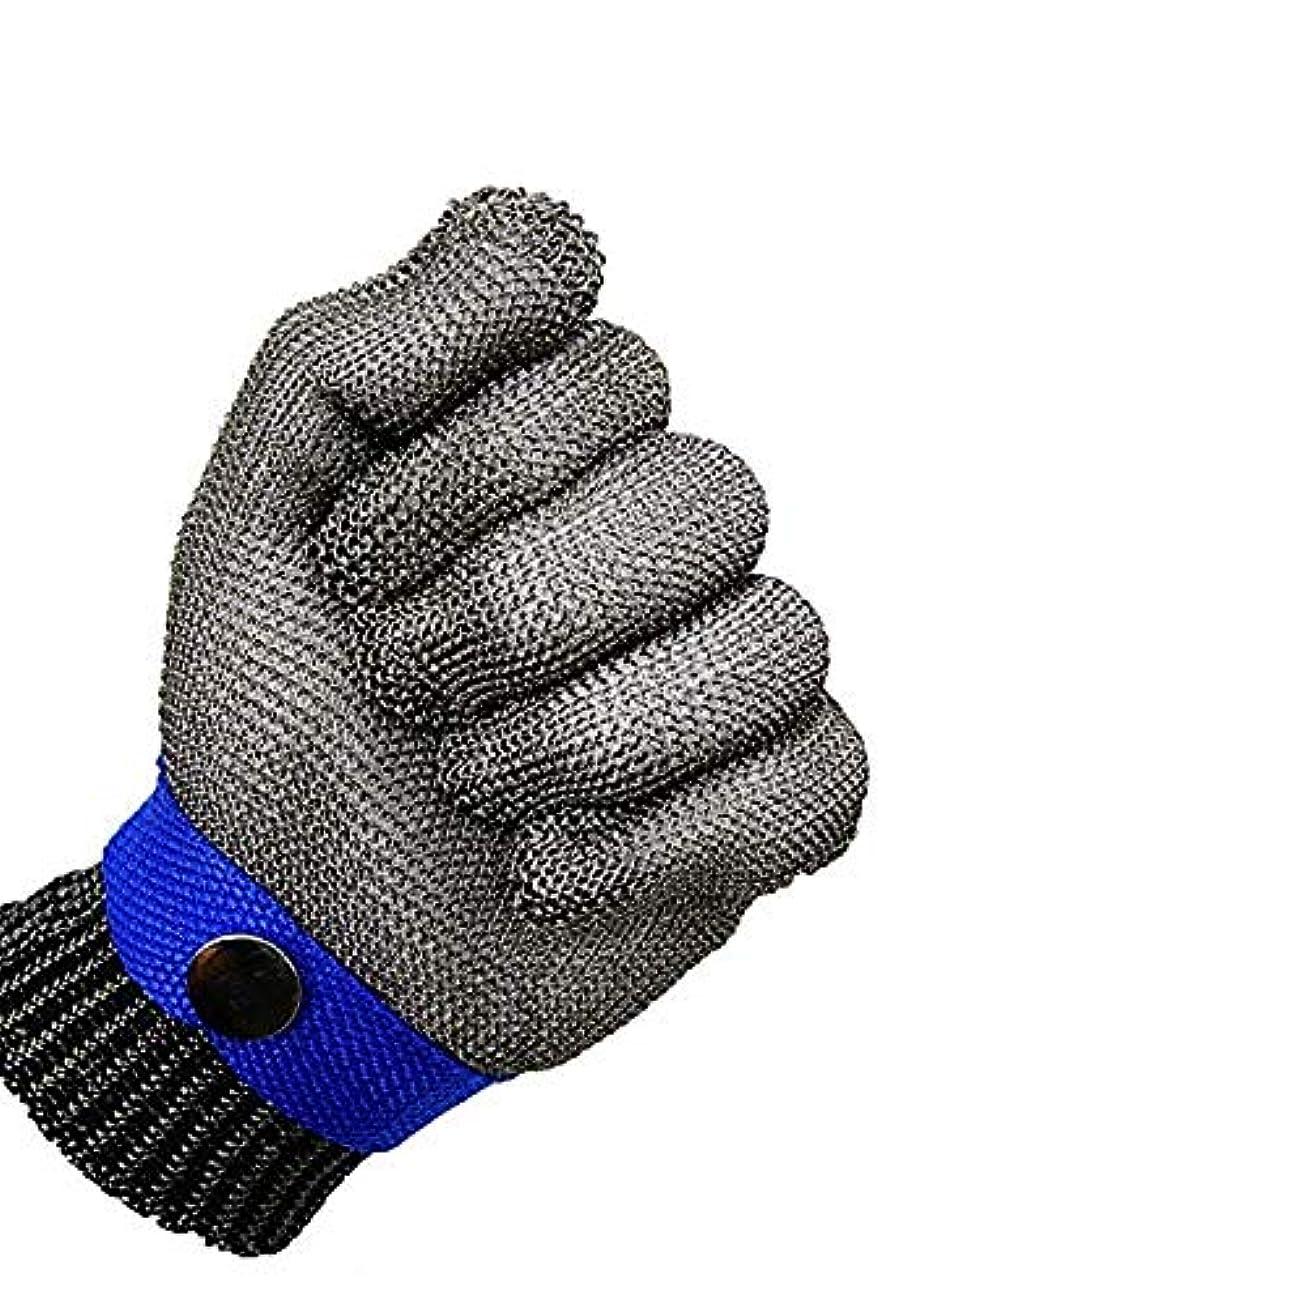 配置その間抑圧者耐切断性手袋、ステンレススチールメッシュ金属ワイヤグローブ - 耐久性に優れた防錆信頼ブッチャーグローブ最新の素材,S